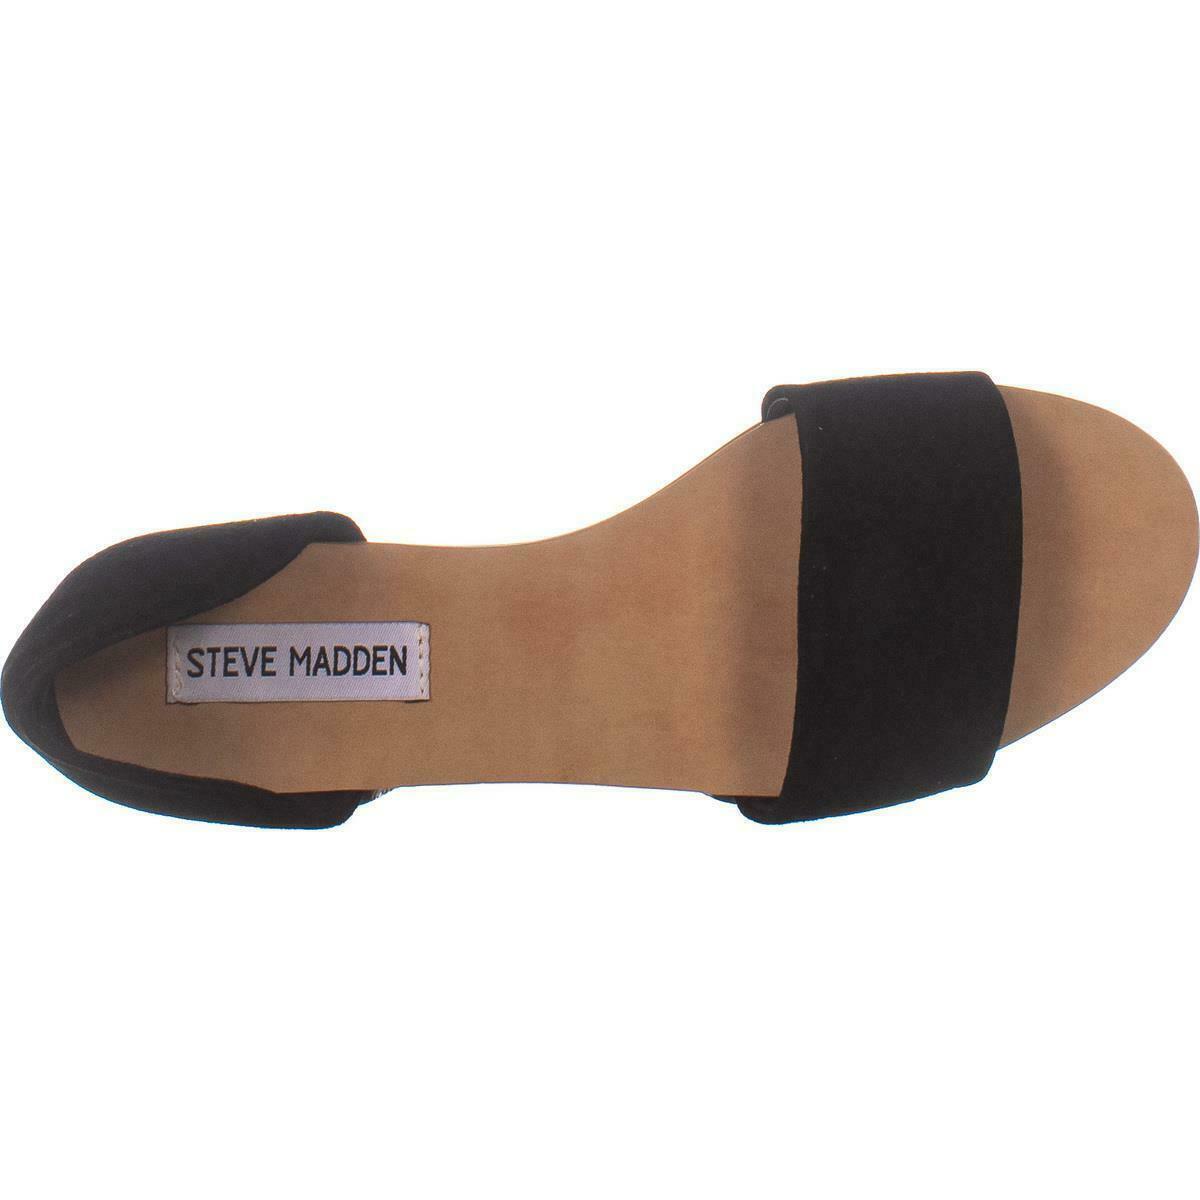 Steve Madden Corey Slip On Flat Sandals 271, Black Suede, 6 US image 2